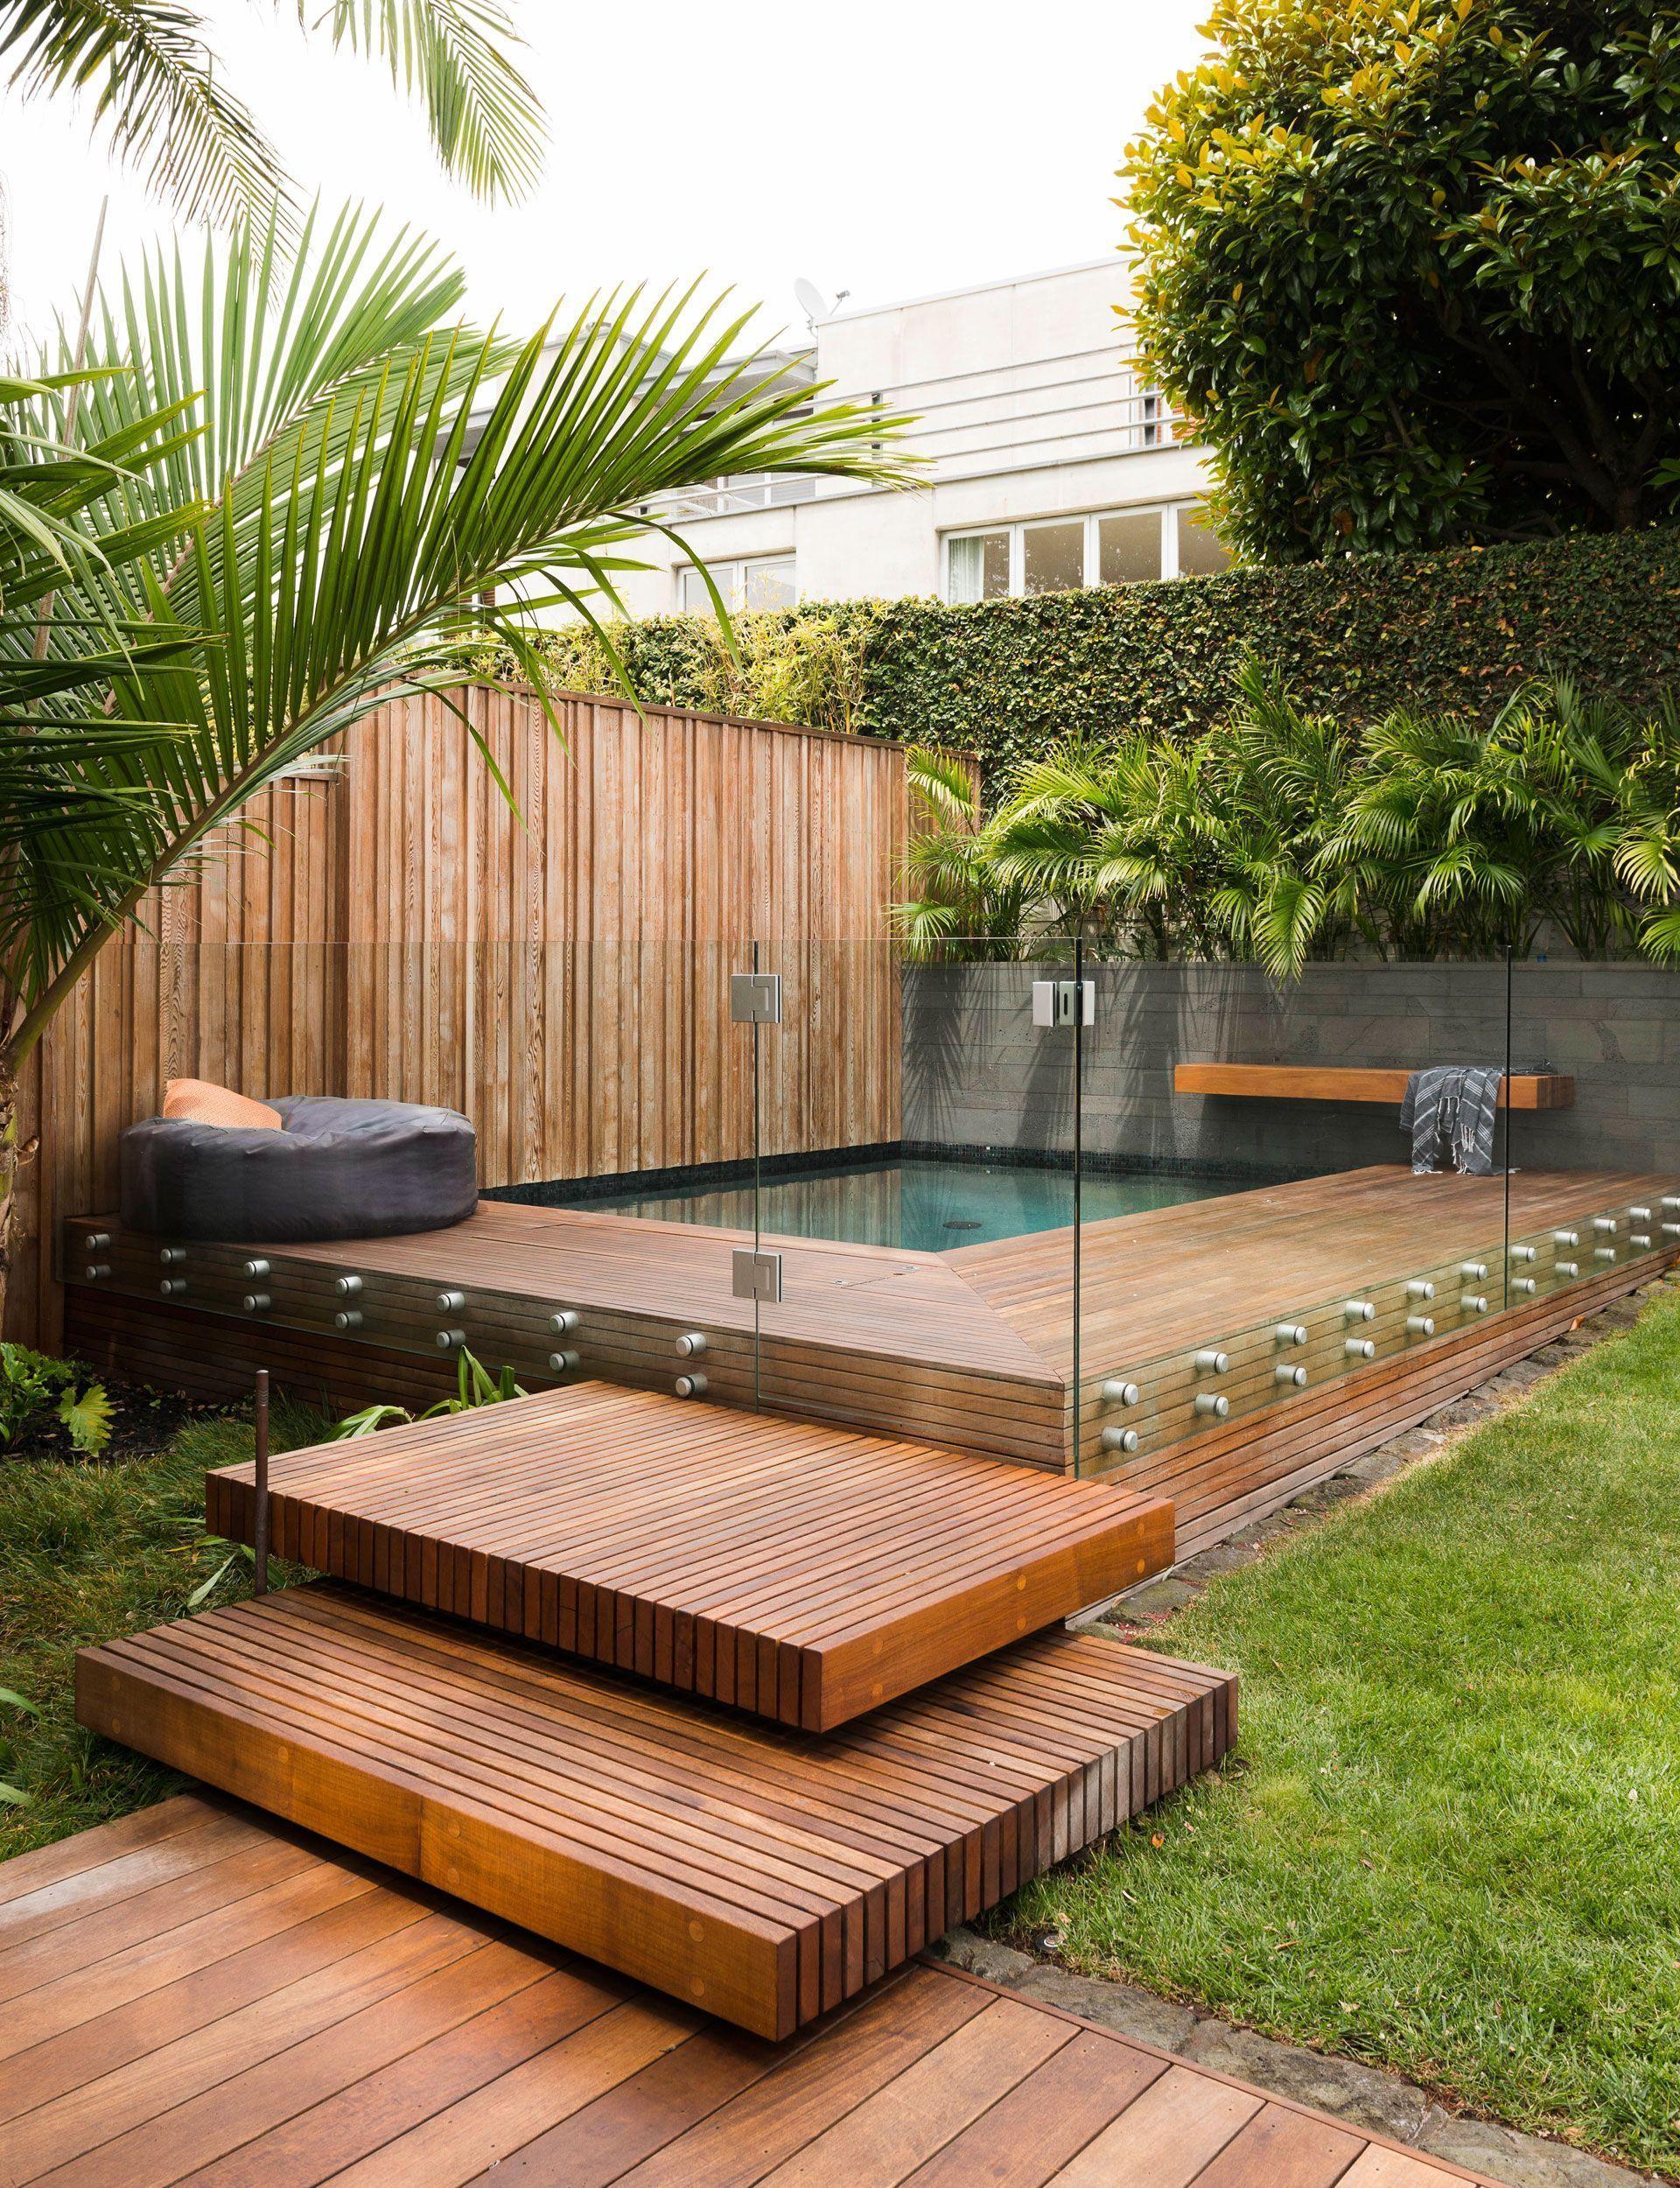 Partecipa Per Vincere Un Pacchetto Di Mobili Da Esterno Del Valore Di 5000 Gardening Clôt Garden Pool Design Backyard Pool Designs Small Backyard Pools